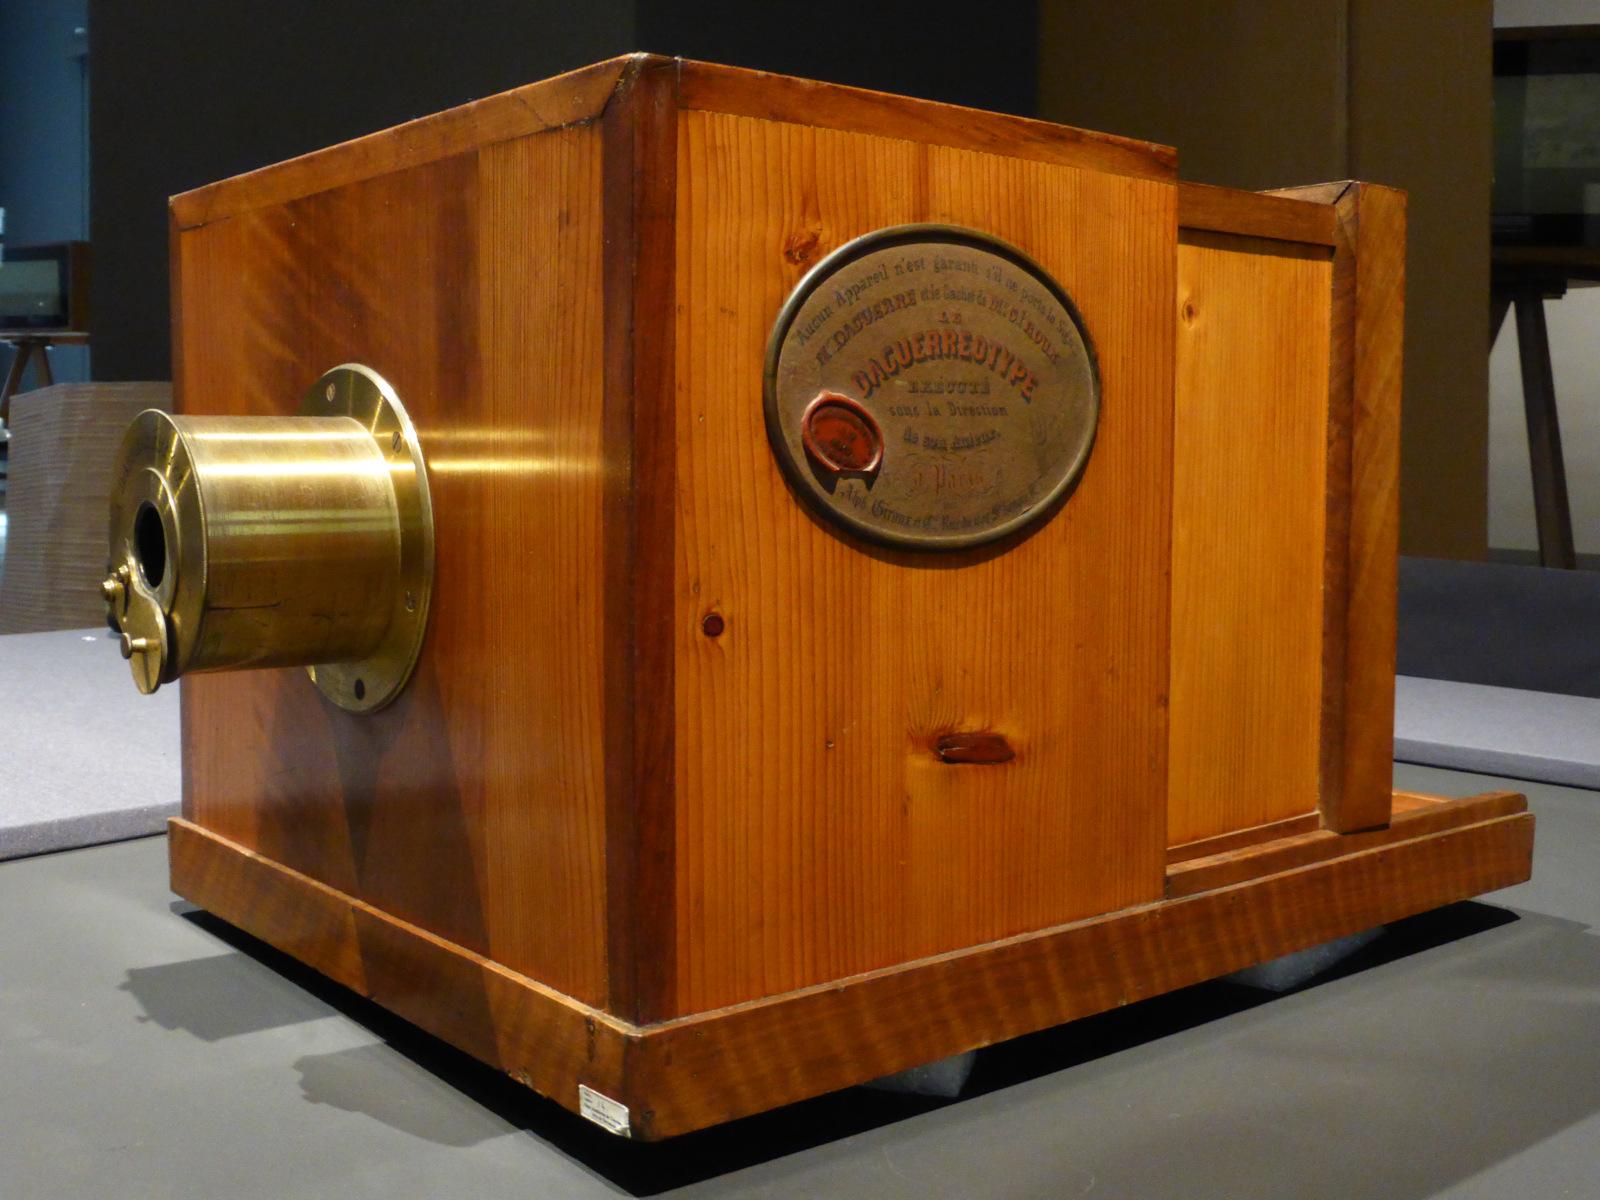 """Die erste Kamera, die in größerer Stückzahl zum Kauf angeboten wurde, war die <em>Giroux Daguerréotype</em>. Diese Schiebekastenkamera aus dem Jahr 1839 funktionierte nach dem Daguerreotypie-Verfahren. An der Seite kennzeichnet sie eine Plakette mit dem Siegel von Alphonse Giroux und Louis Daguerres Unterschrift als Original.<br> Quelle: <a href=""""https://commons.wikimedia.org/wiki/File:C%C3%A1mara_para_obtener_vistas_al_daguerrotipo,_original_del_a%C3%B1o_1839,_conservada_en_Barcelona,_Espa%C3%B1a,_Spain.jpg"""">User:CARLOS TEIXIDOR CADENAS / Wikimedia Commons</a><br> Lizenz: <a href=""""https://creativecommons.org/licenses/by-sa/4.0/deed.de"""">Creative Commons BY-SA 4.0</a>"""